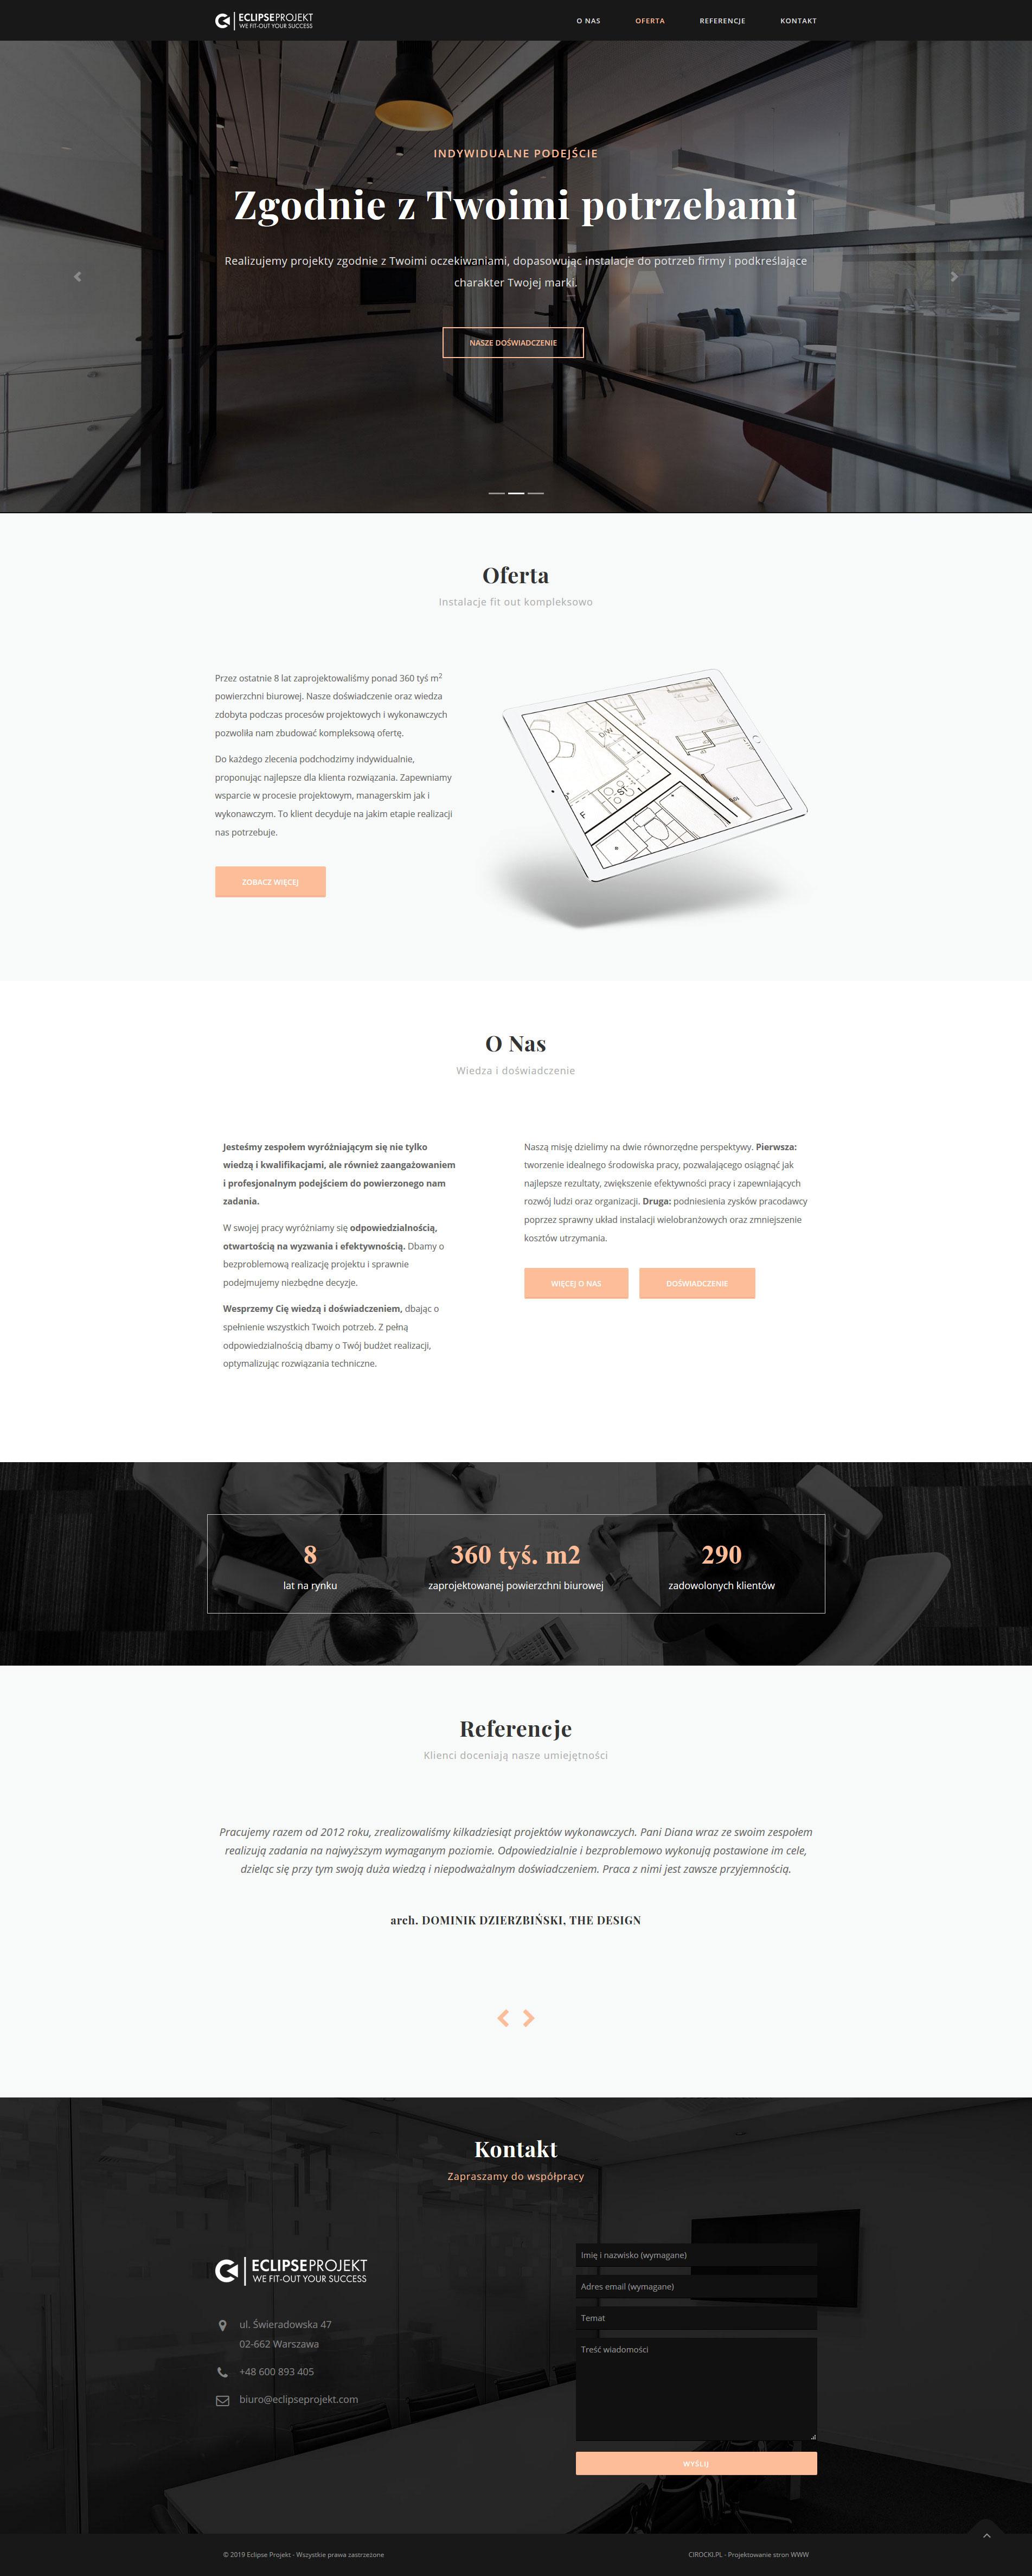 strona internetowa biura projektowego - projekt strony www